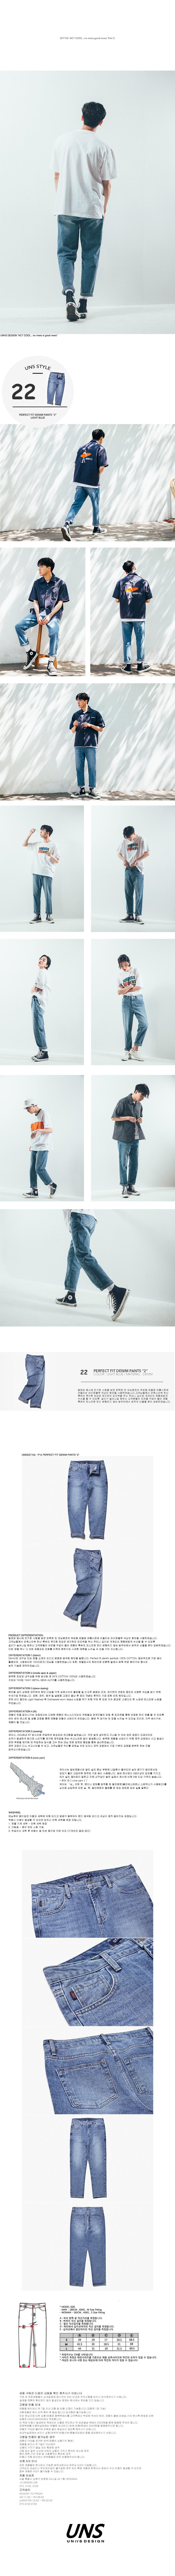 유니스디자인(UNIIS DESIGN) 퍼팩트 핏 데님_라이트 블루